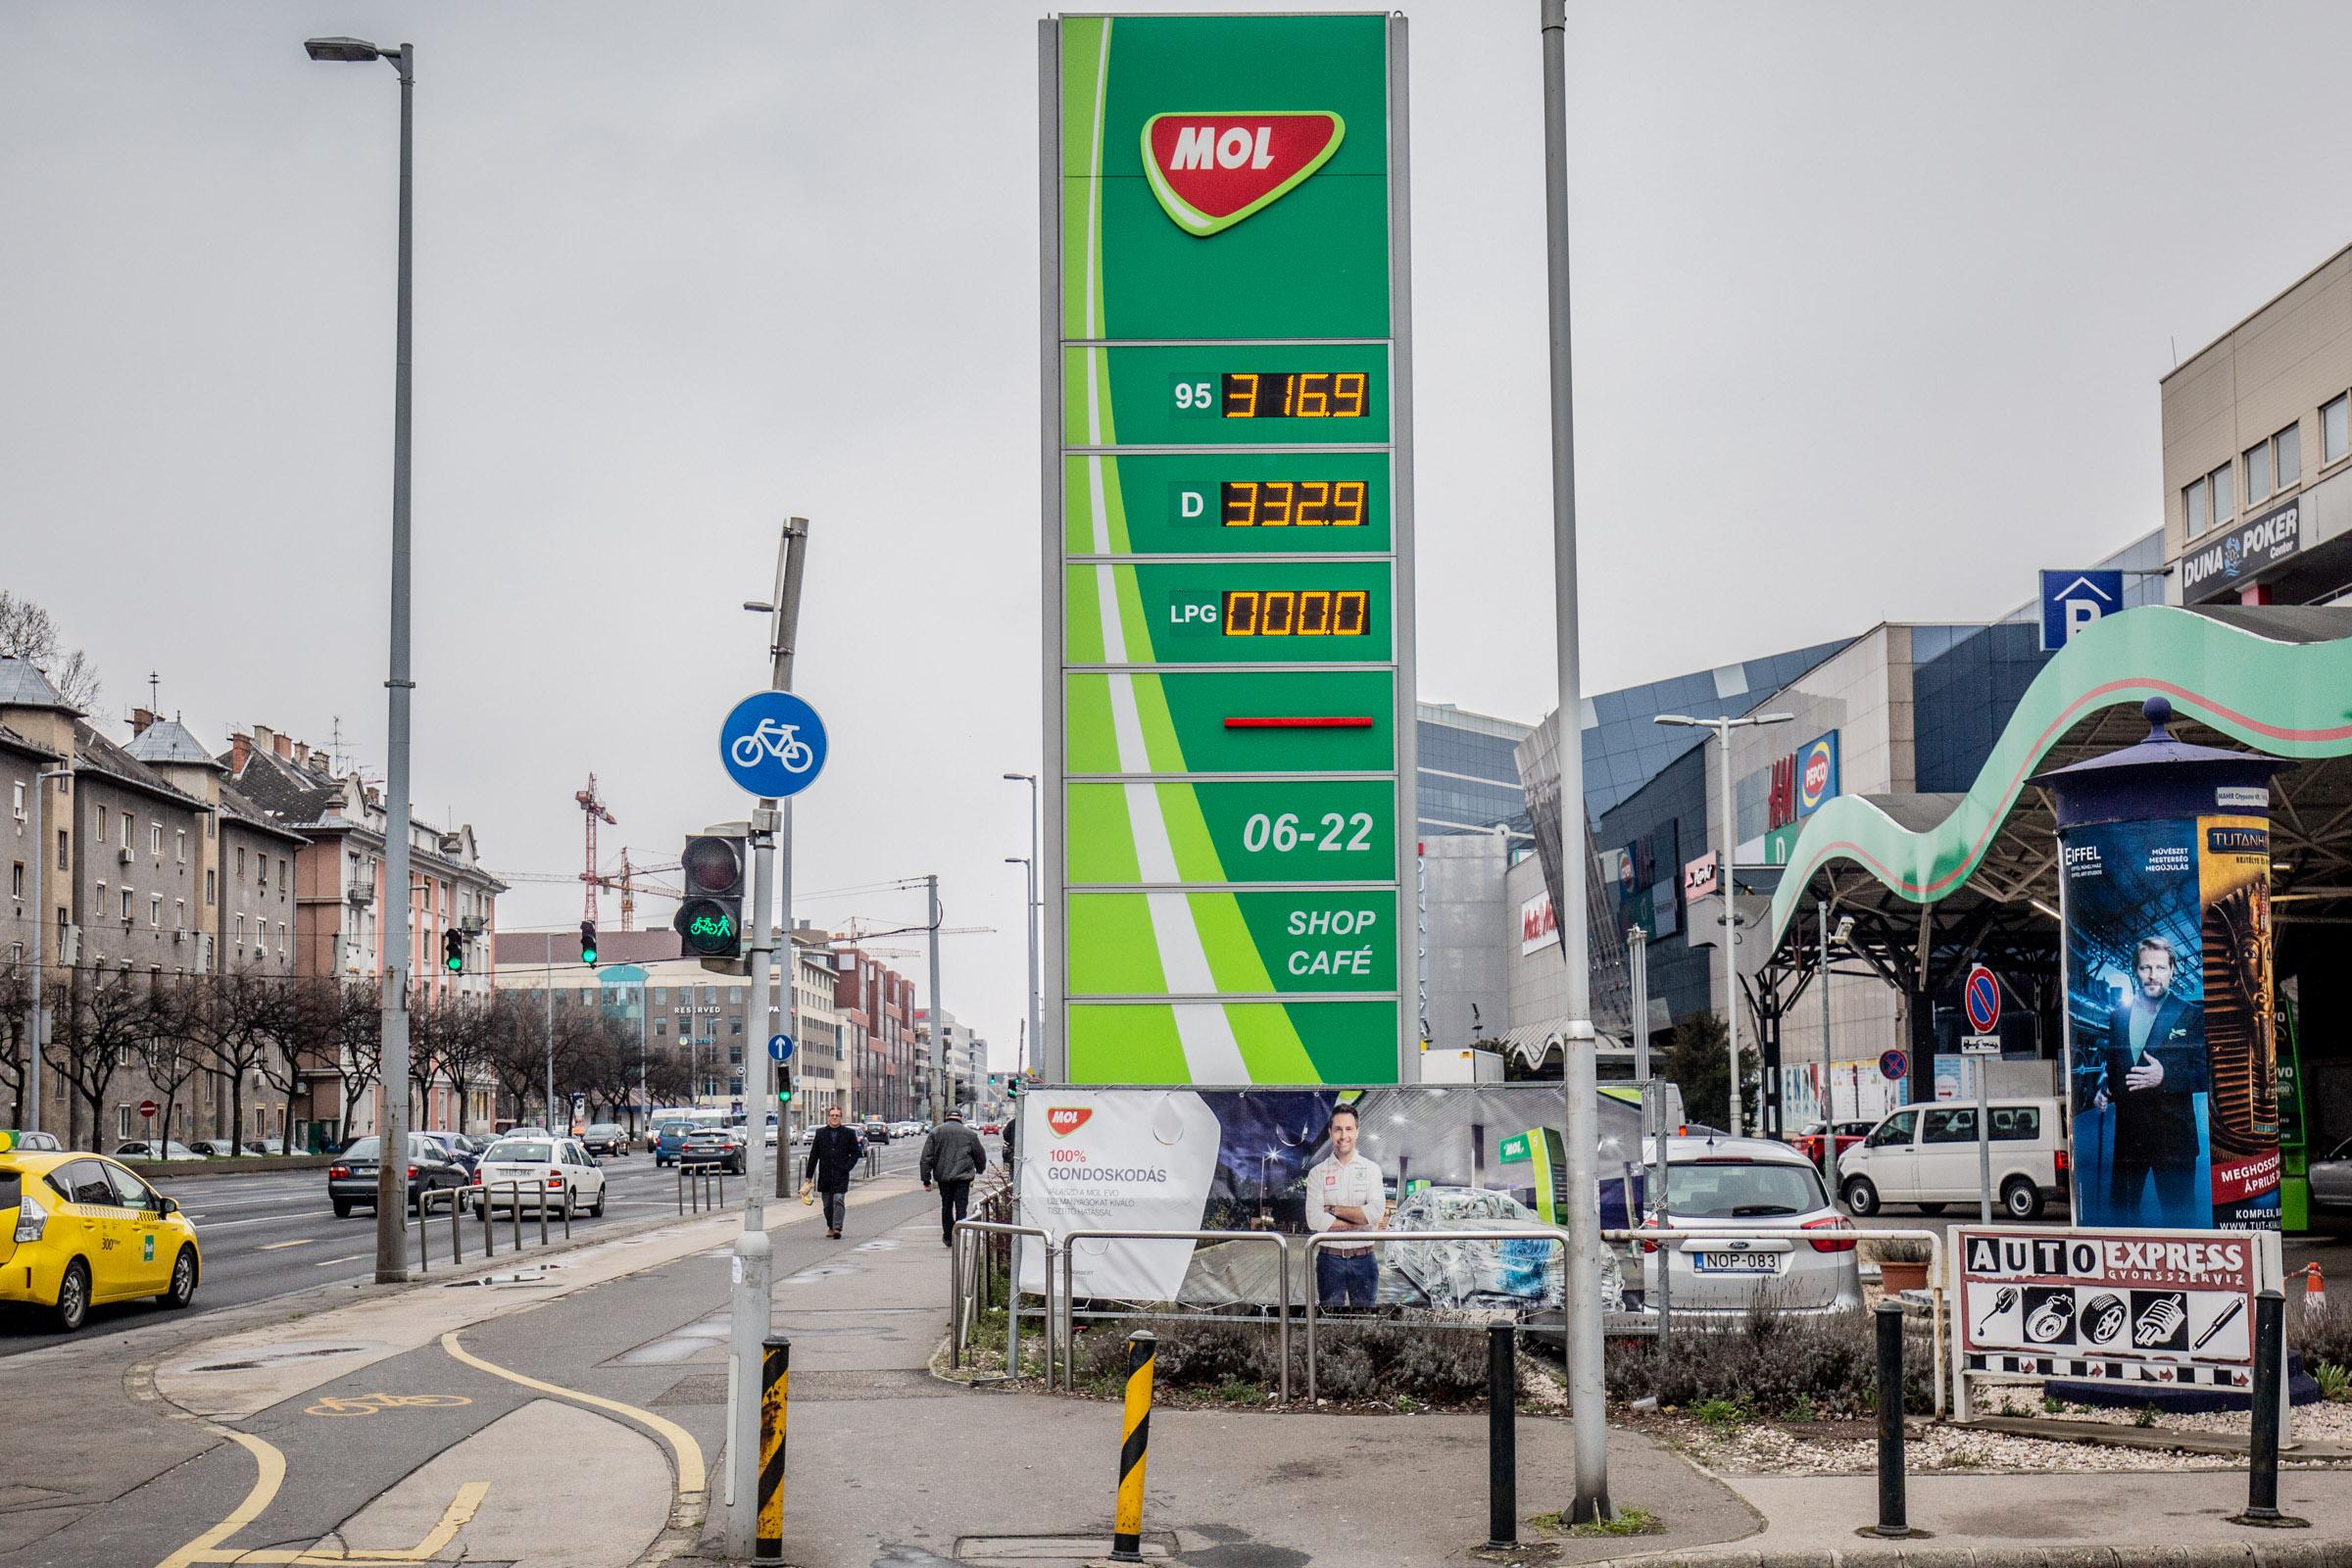 Fokozódik az AdBlue-válság, korlátozásokat vezetnek be egyes hazai benzinkutakon